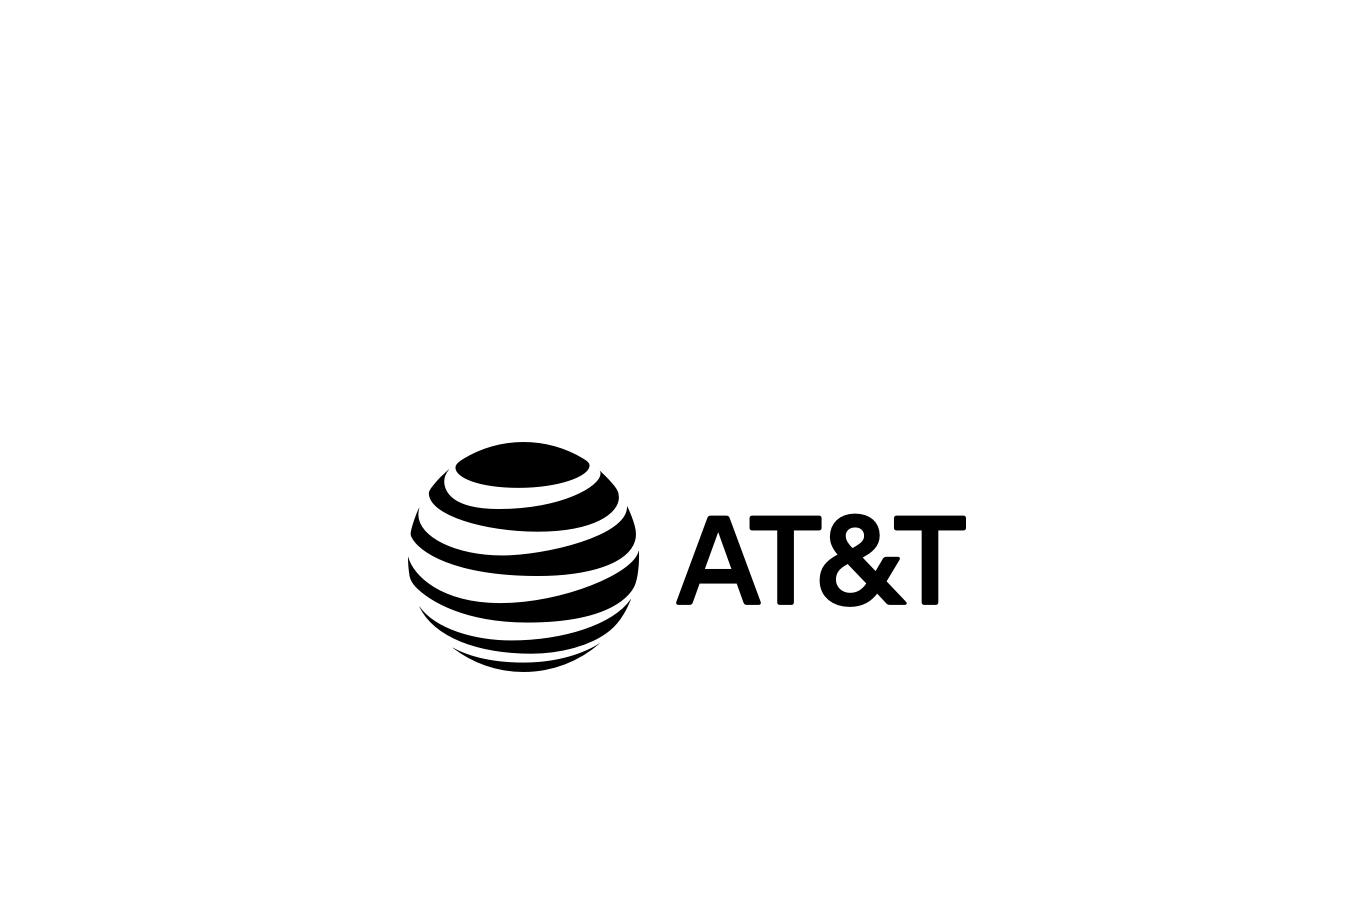 Buy Galaxy Fold at AT&T stores